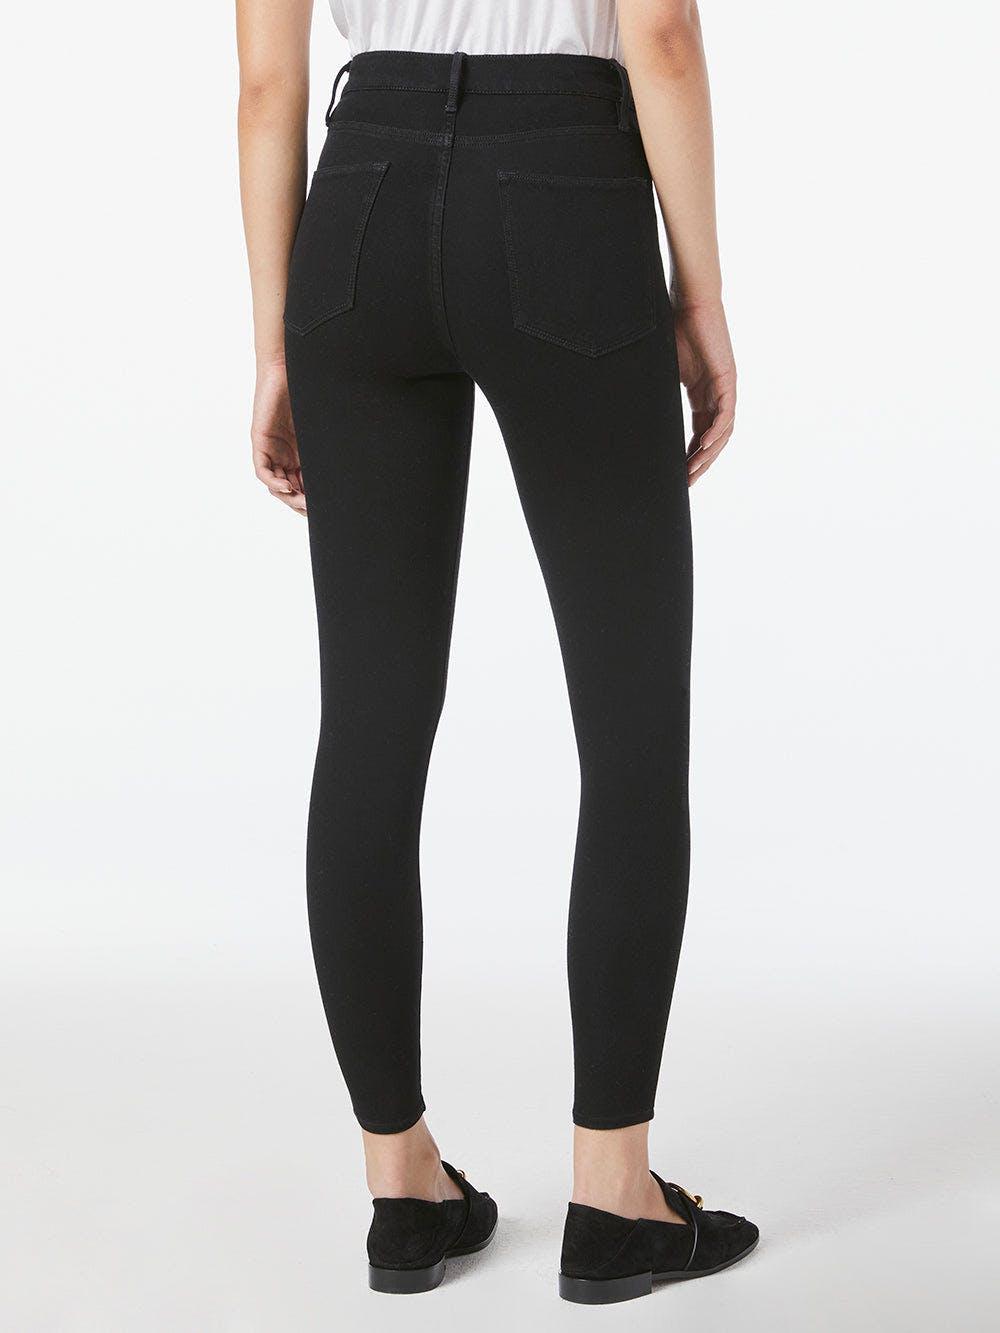 jeans back view alt:hover